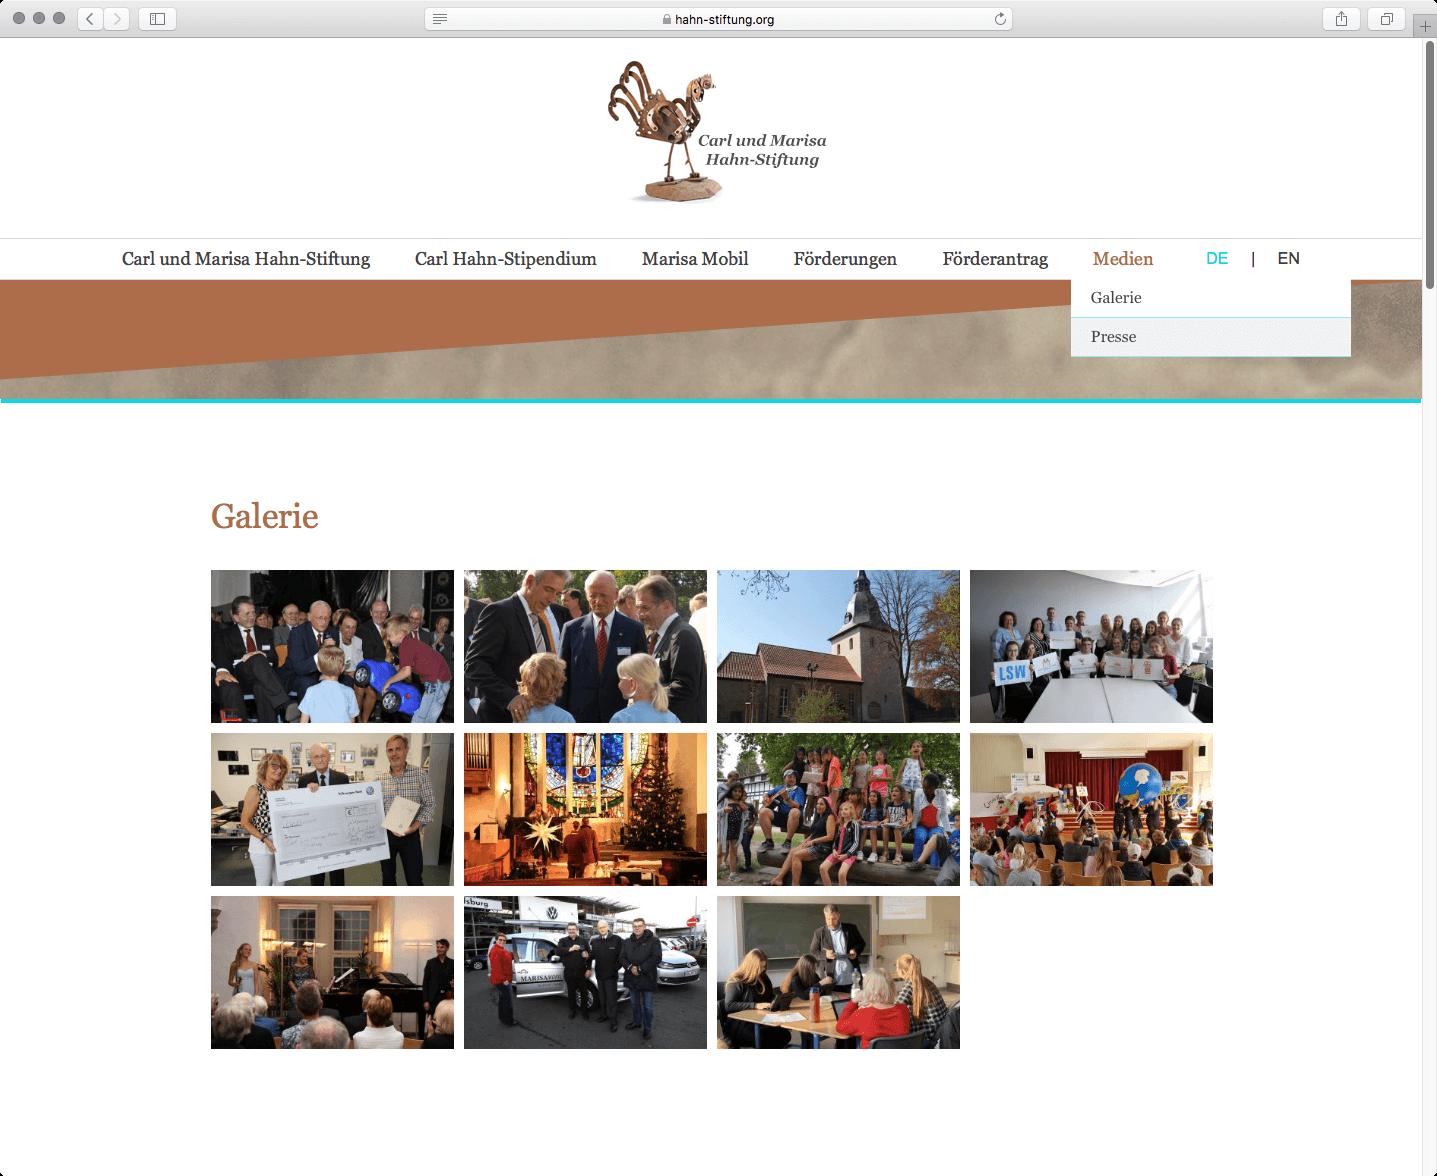 Hahn-Stiftung_Caroline-Rismont_web-medien